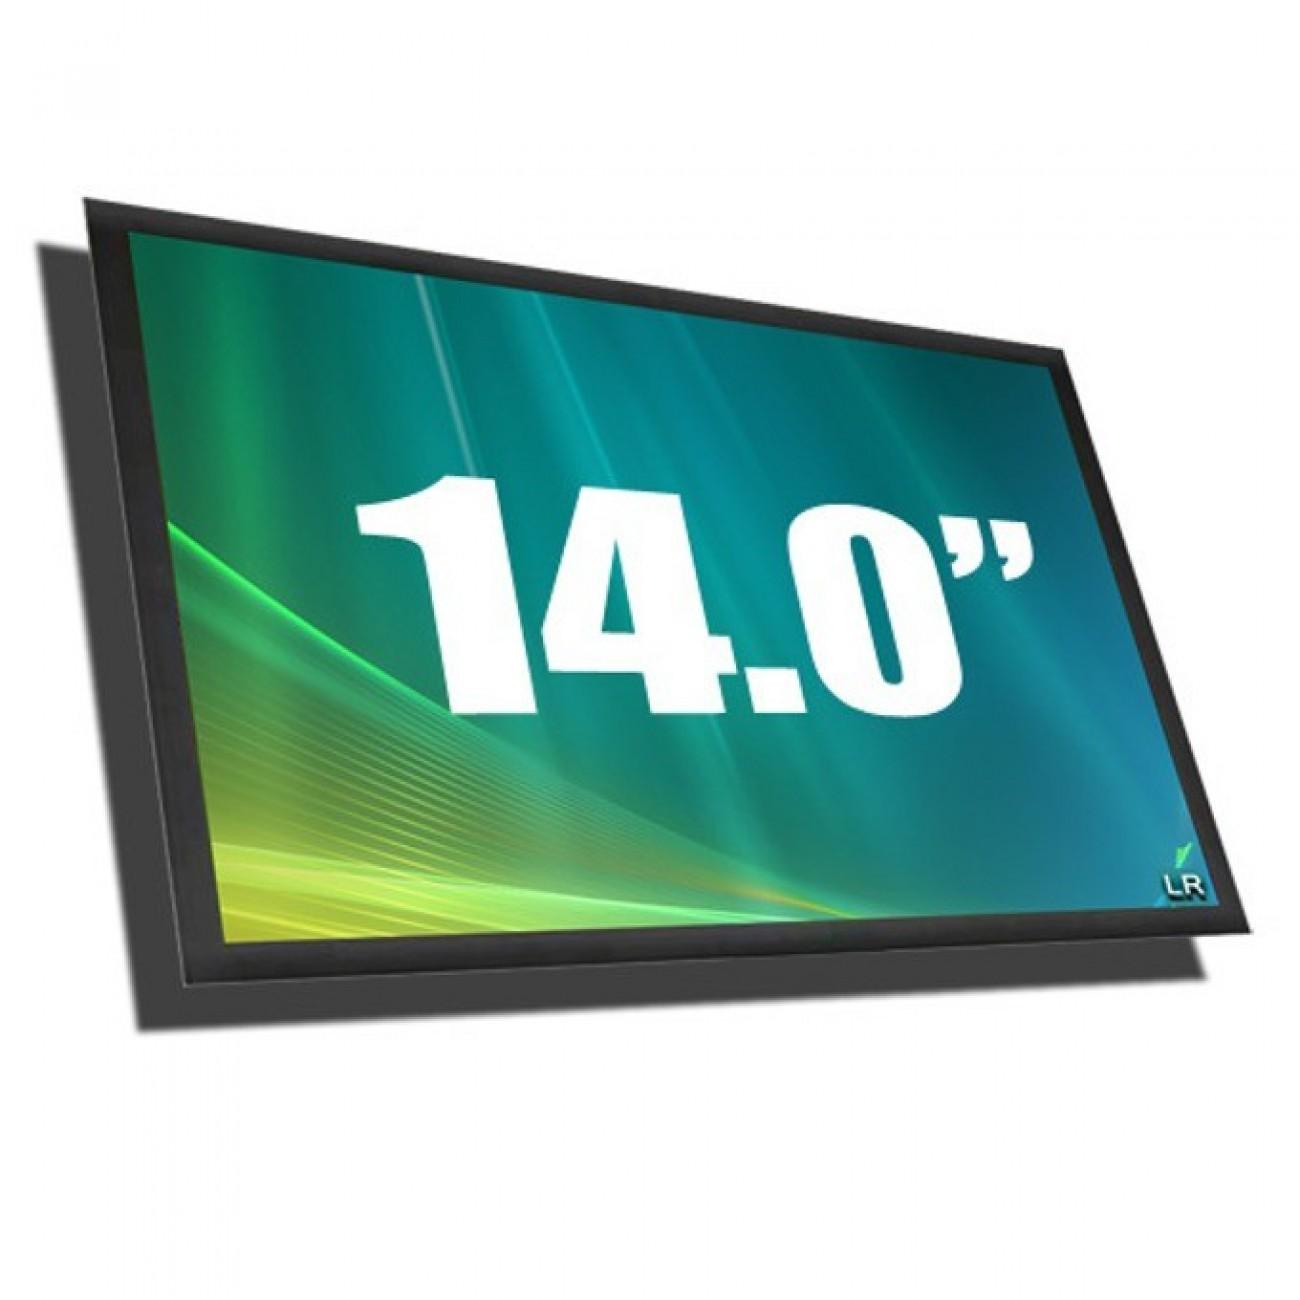 Матрица за лаптоп LG LP140WH1-TLC1, 14.0 (35.56 cm) WXGA 1366 x 768 pix., гланц в Резервни части -  | Alleop